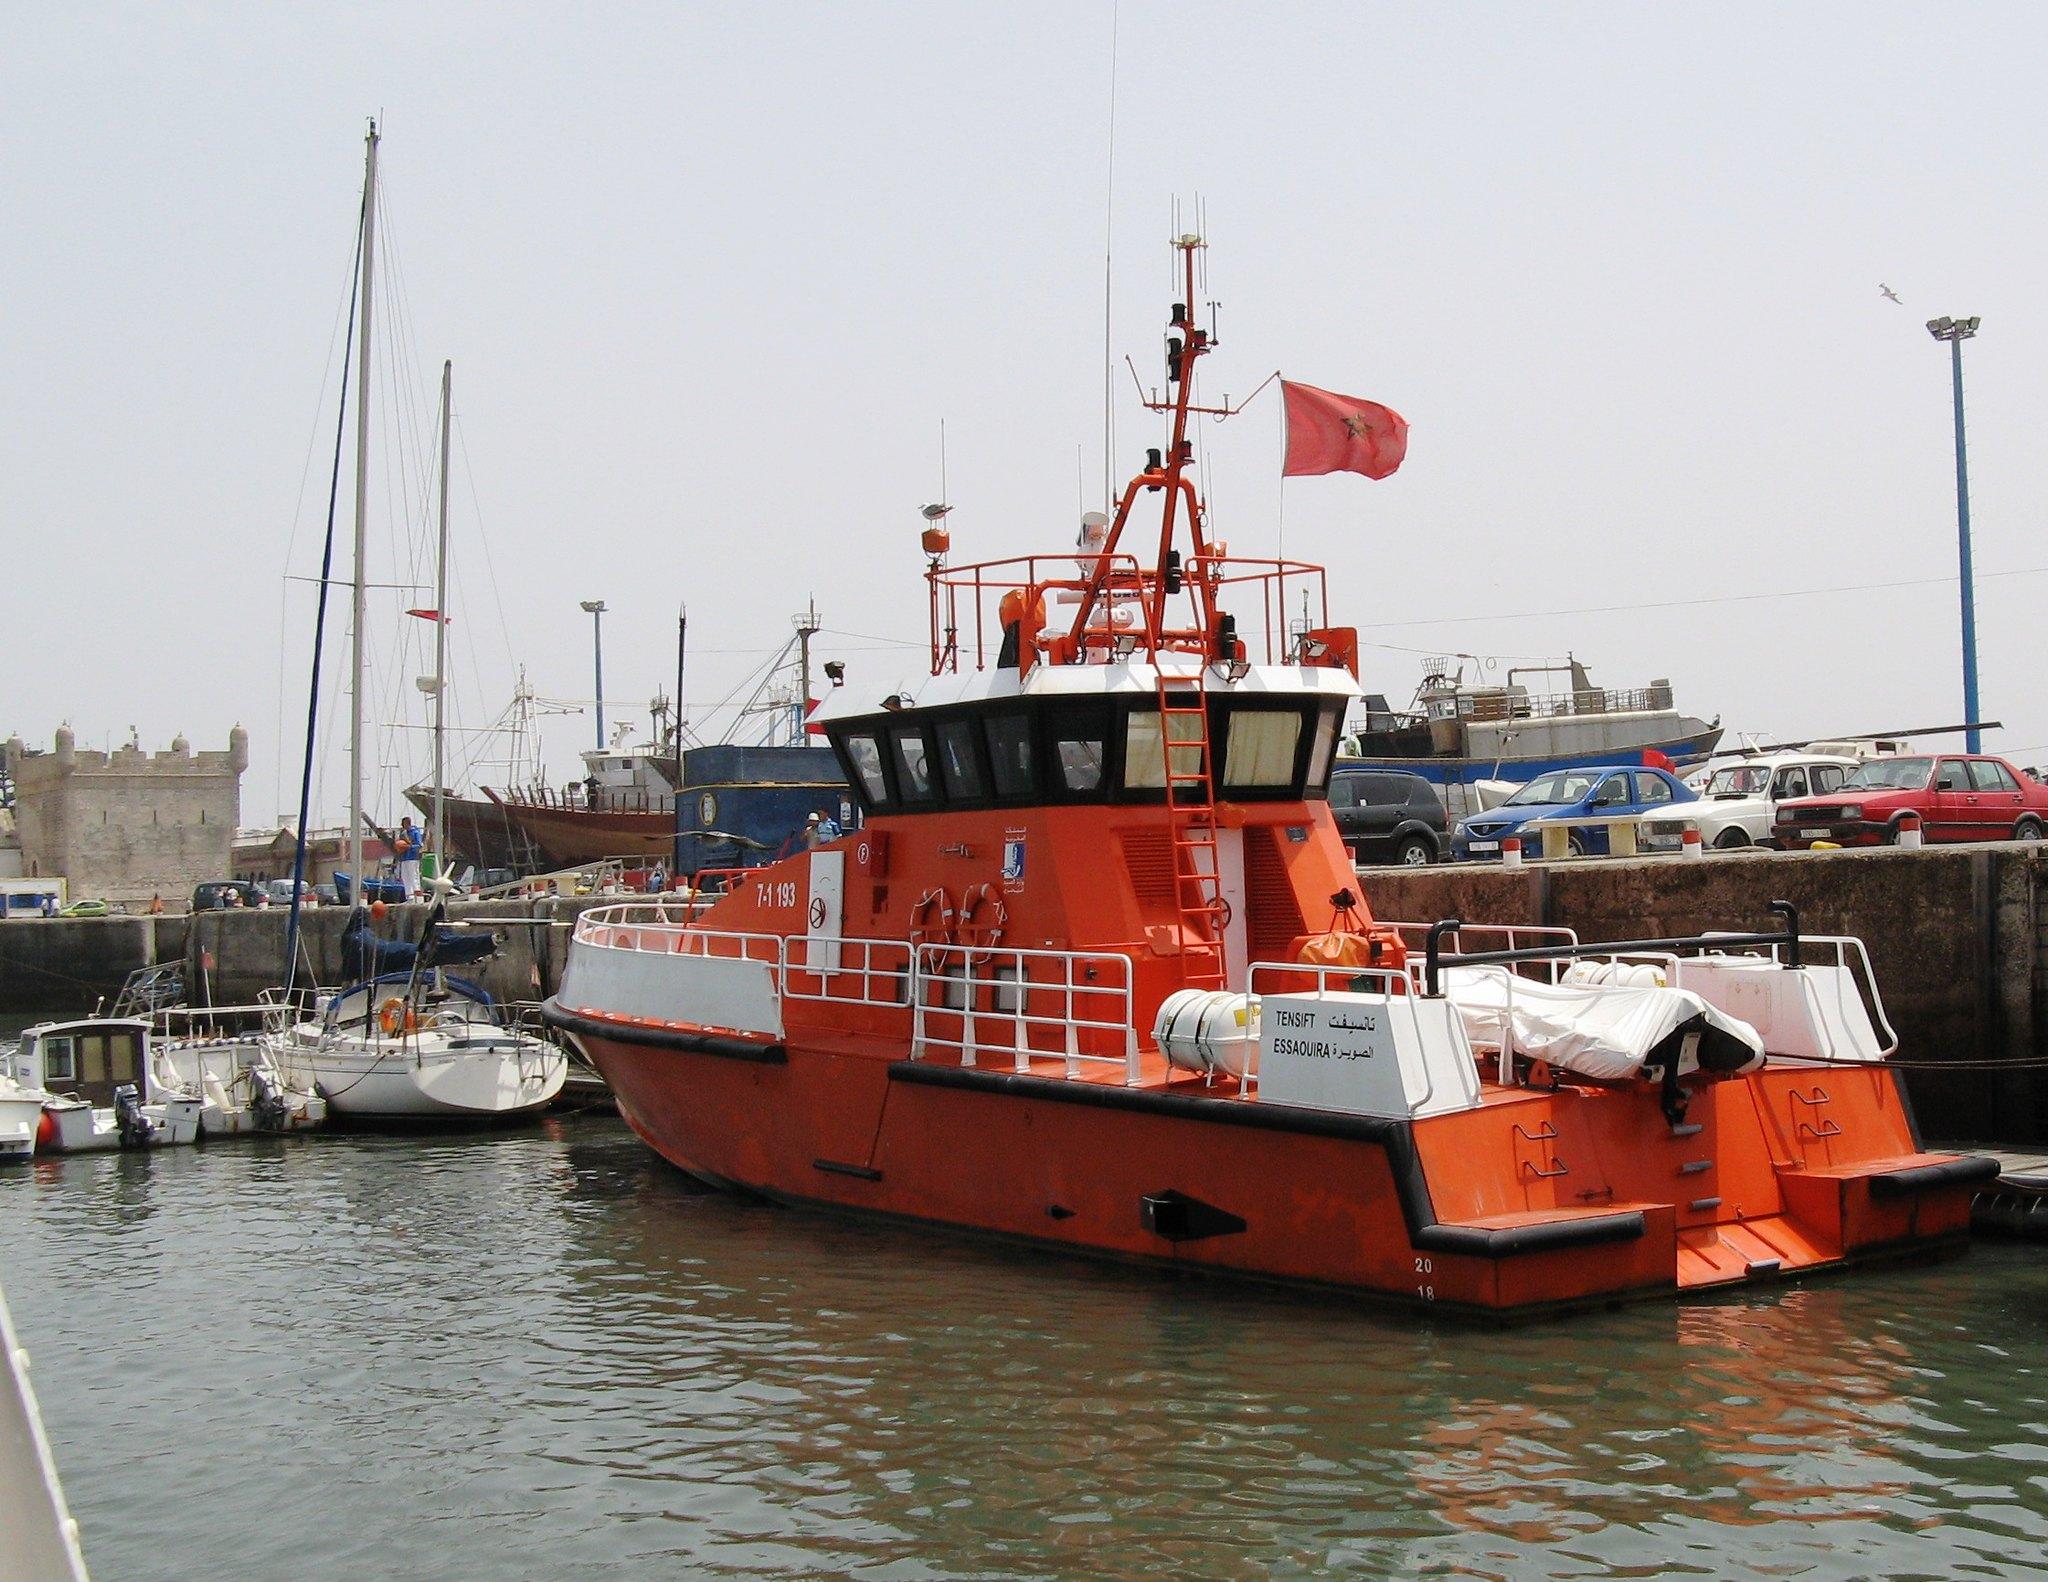 Sauvetage maritime au Maroc / service de recherche et de sauvetage  - Page 3 30909029503_8441f2e233_k